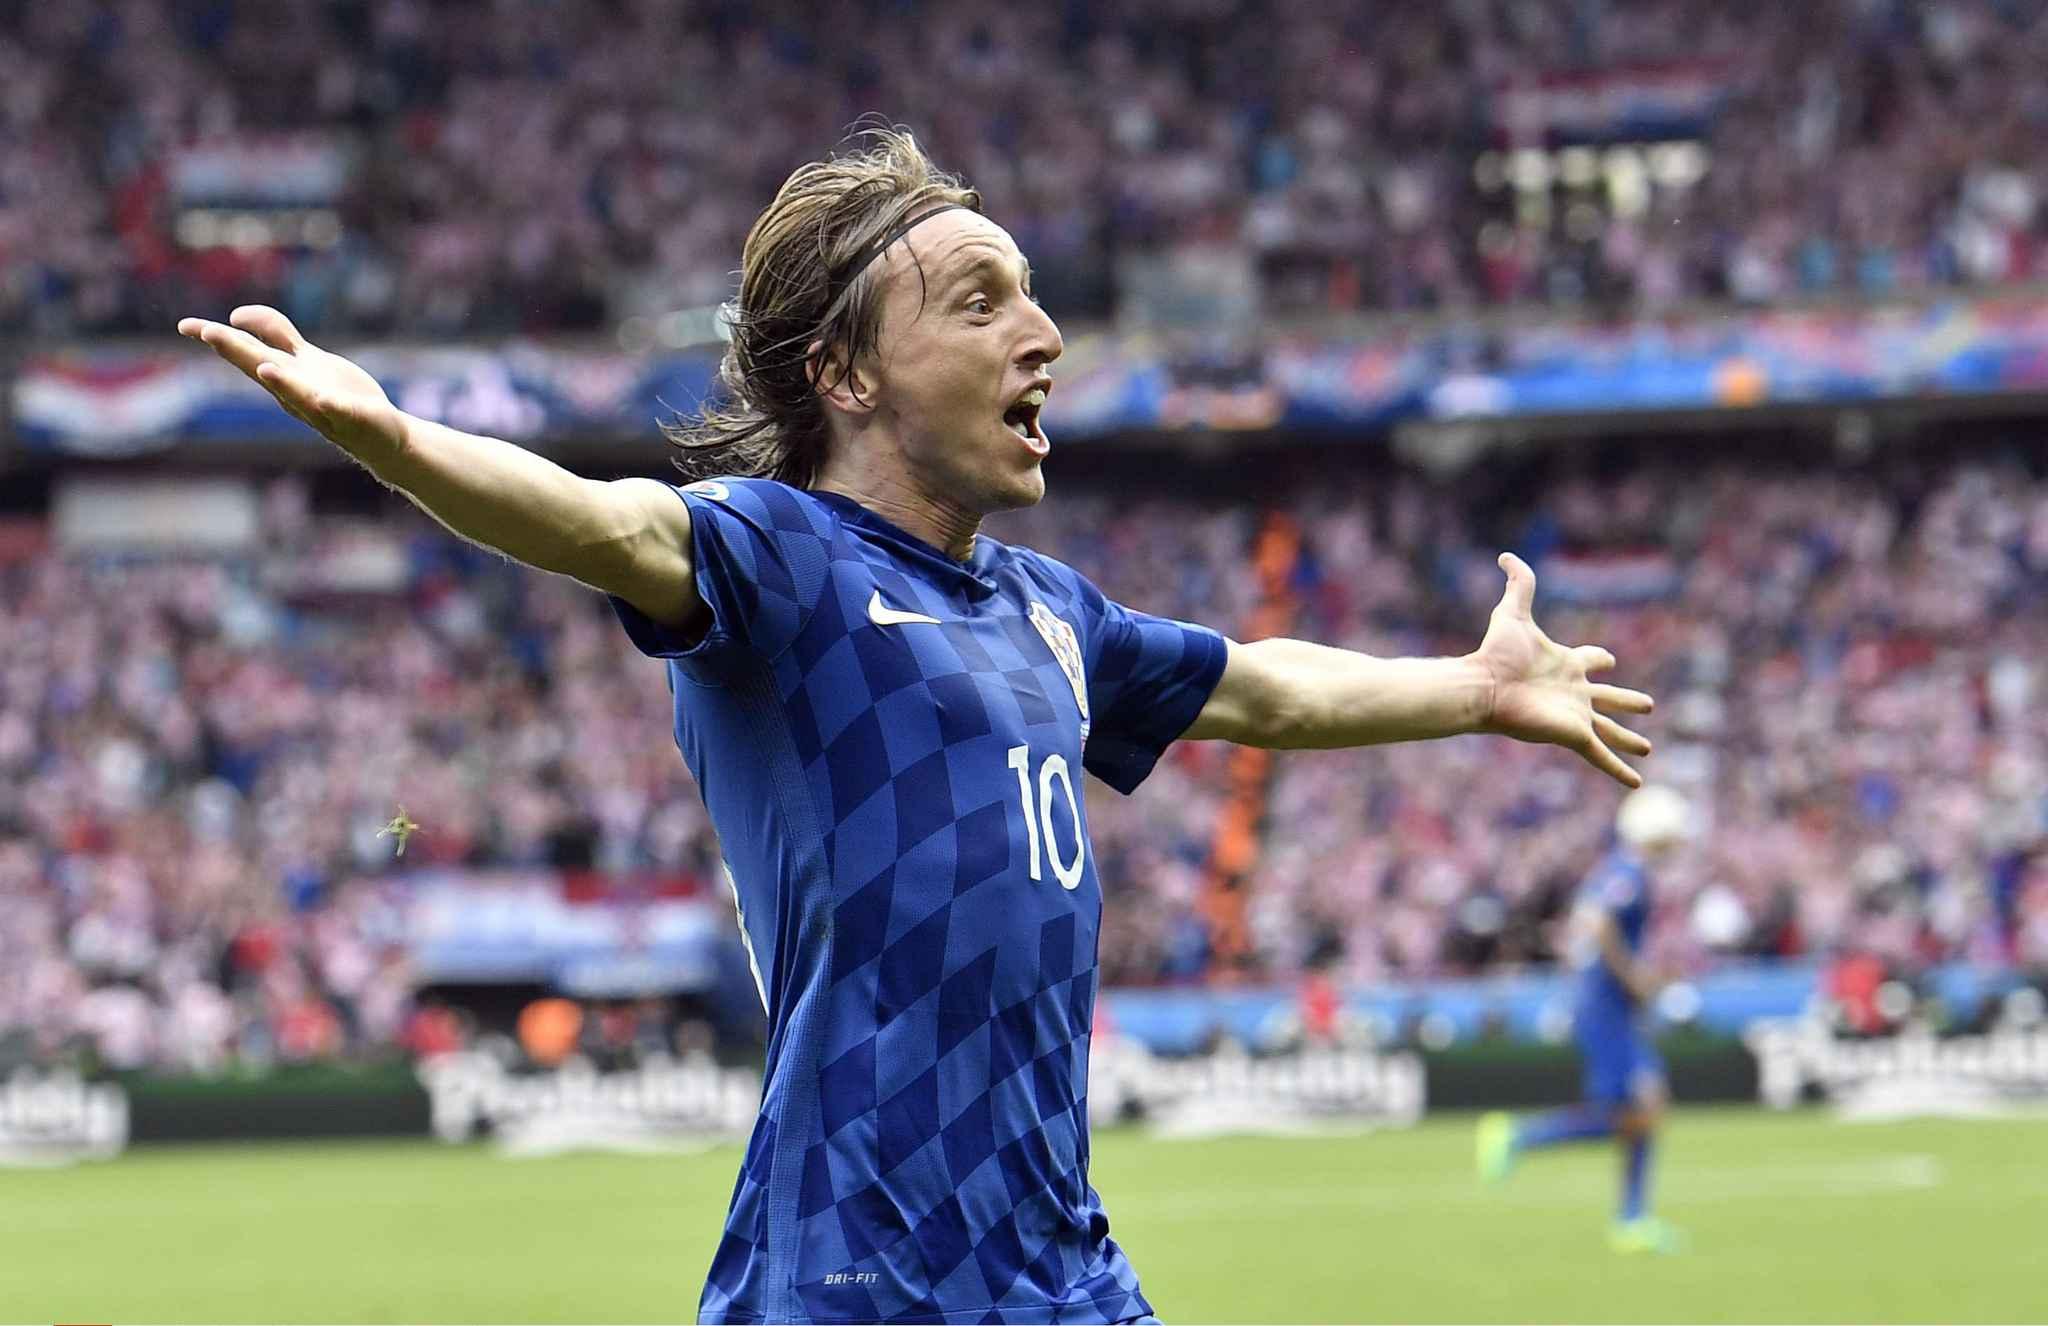 Découvrez les nouveaux maillots de foot Croatie Euro 2016